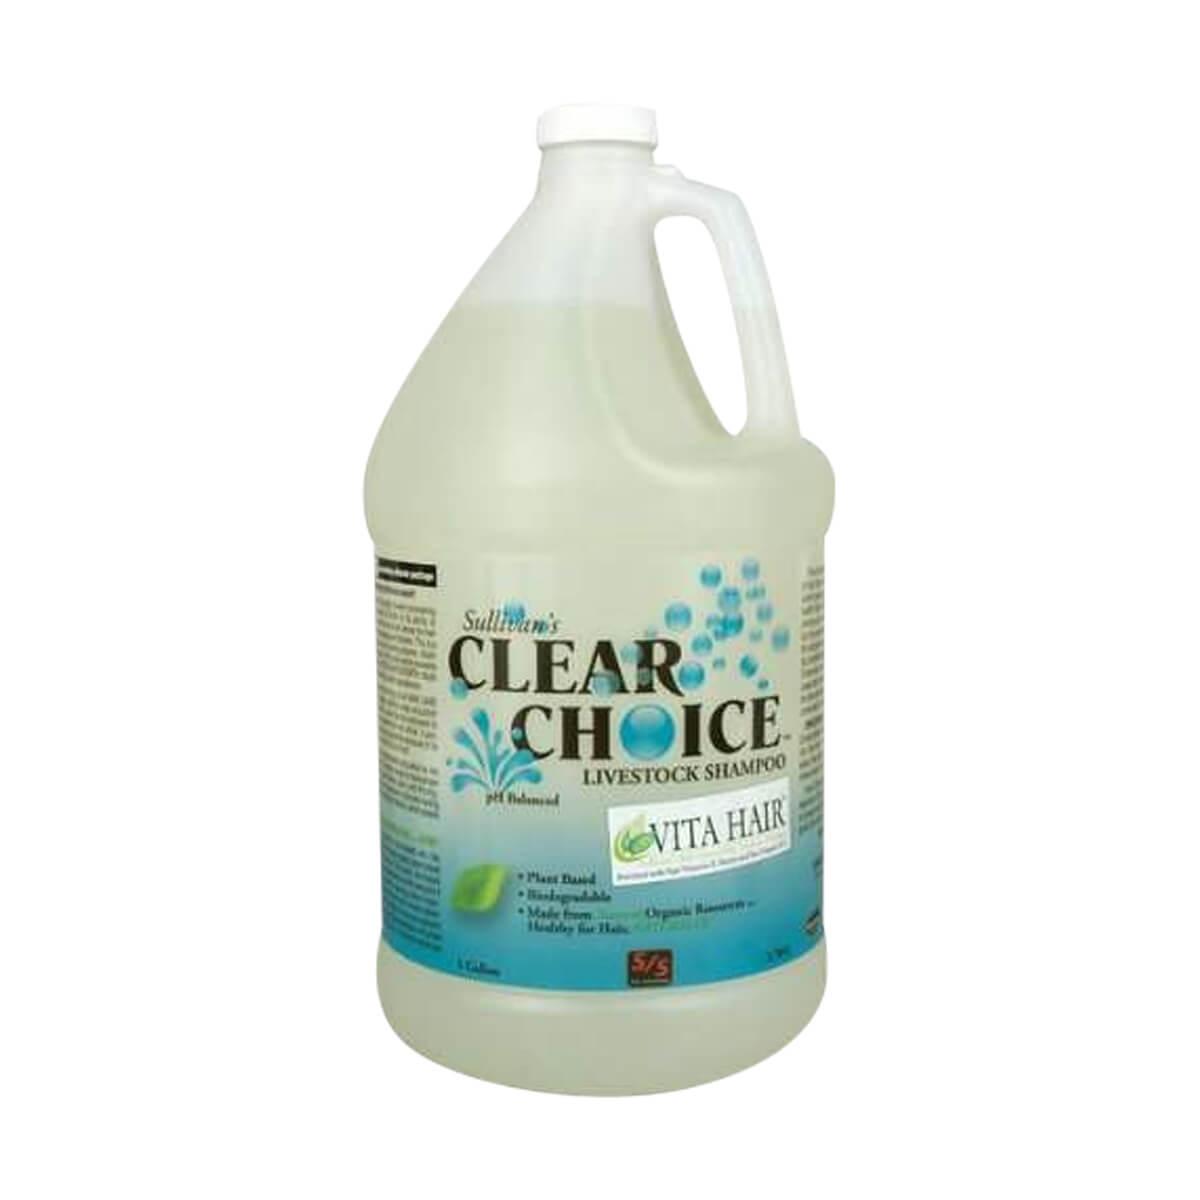 Clear Choice Shampoo - 1 qt